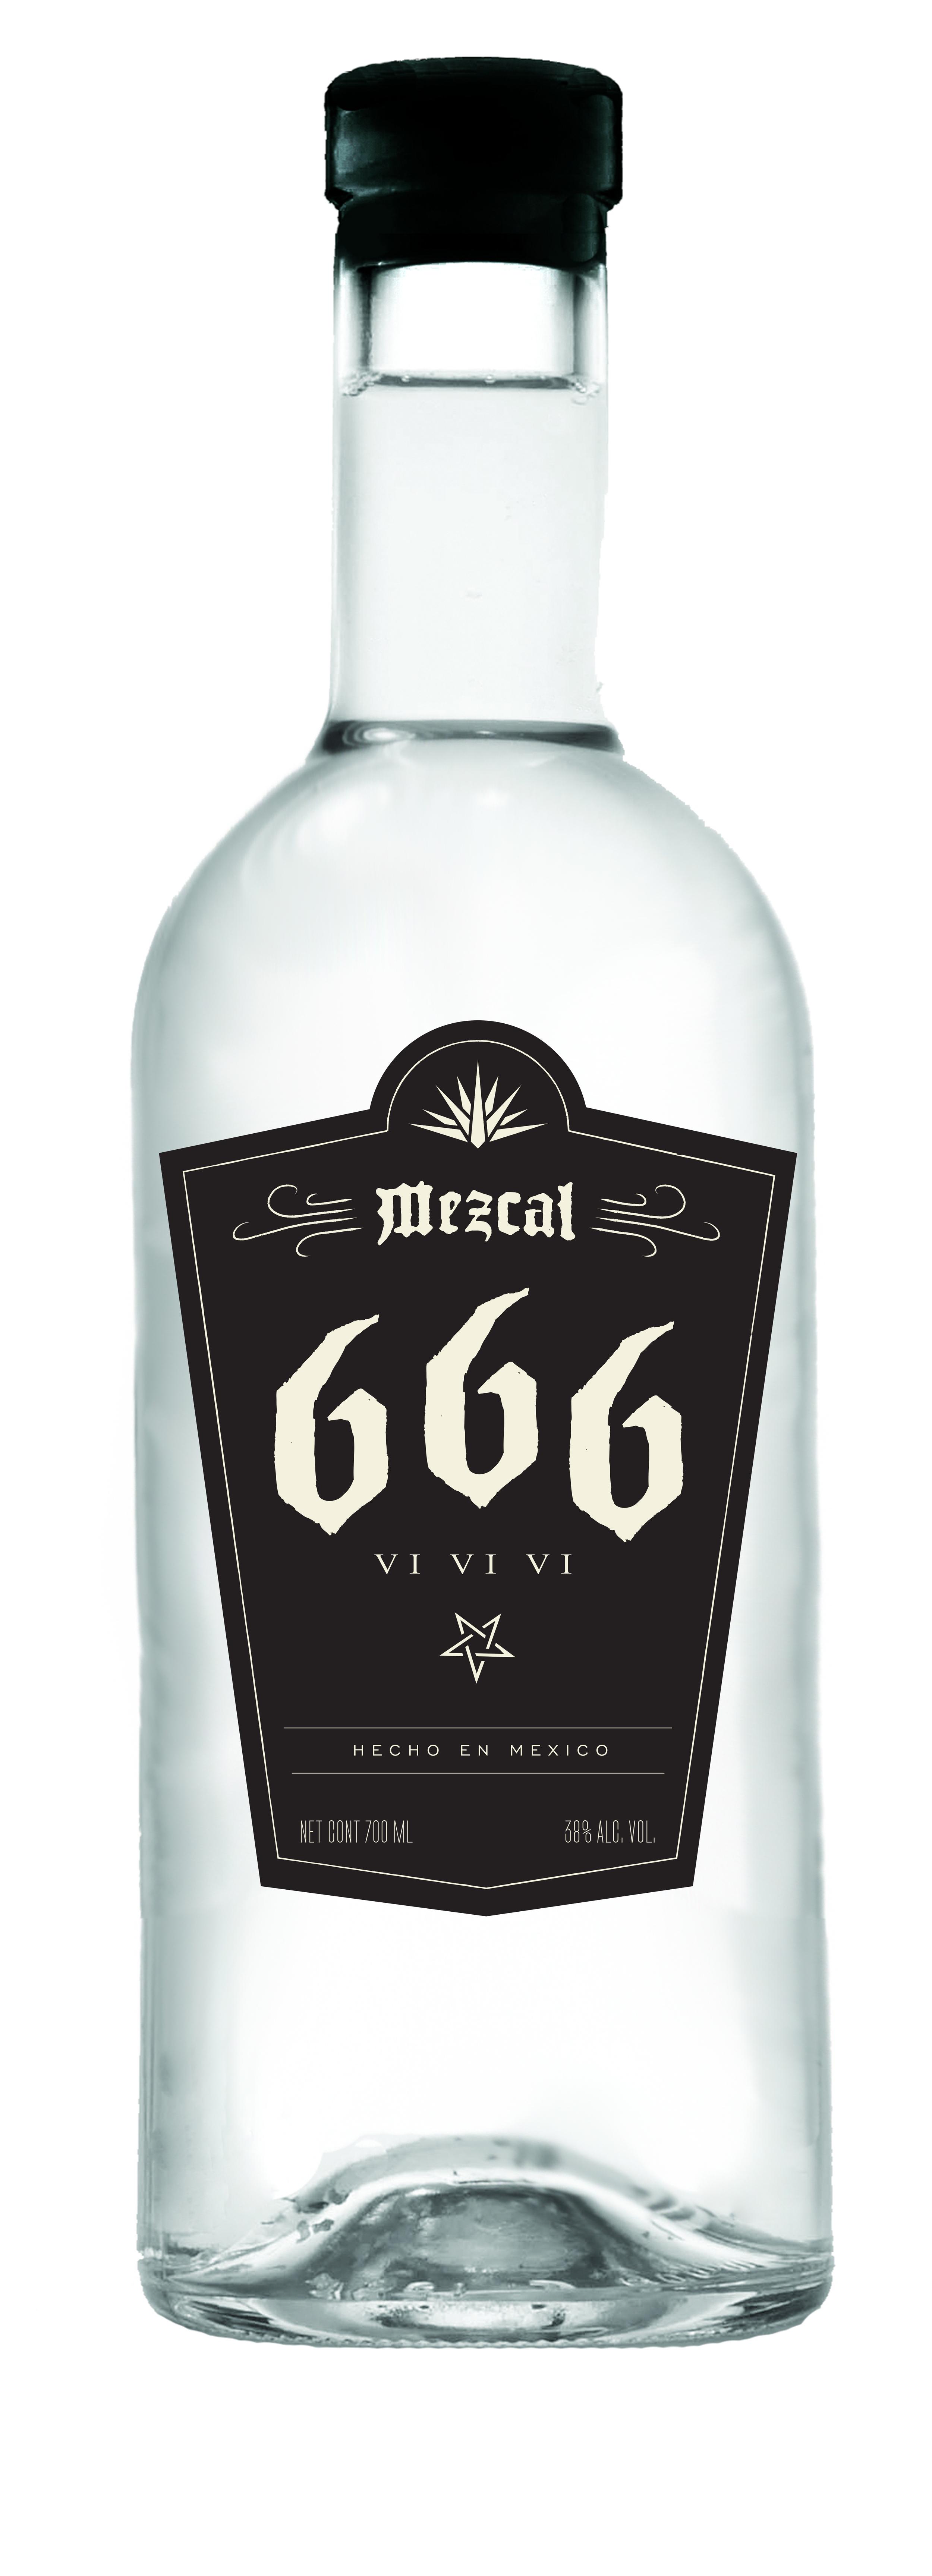 Mezcal 666 Bottles opt2_0013_666 black.jpg